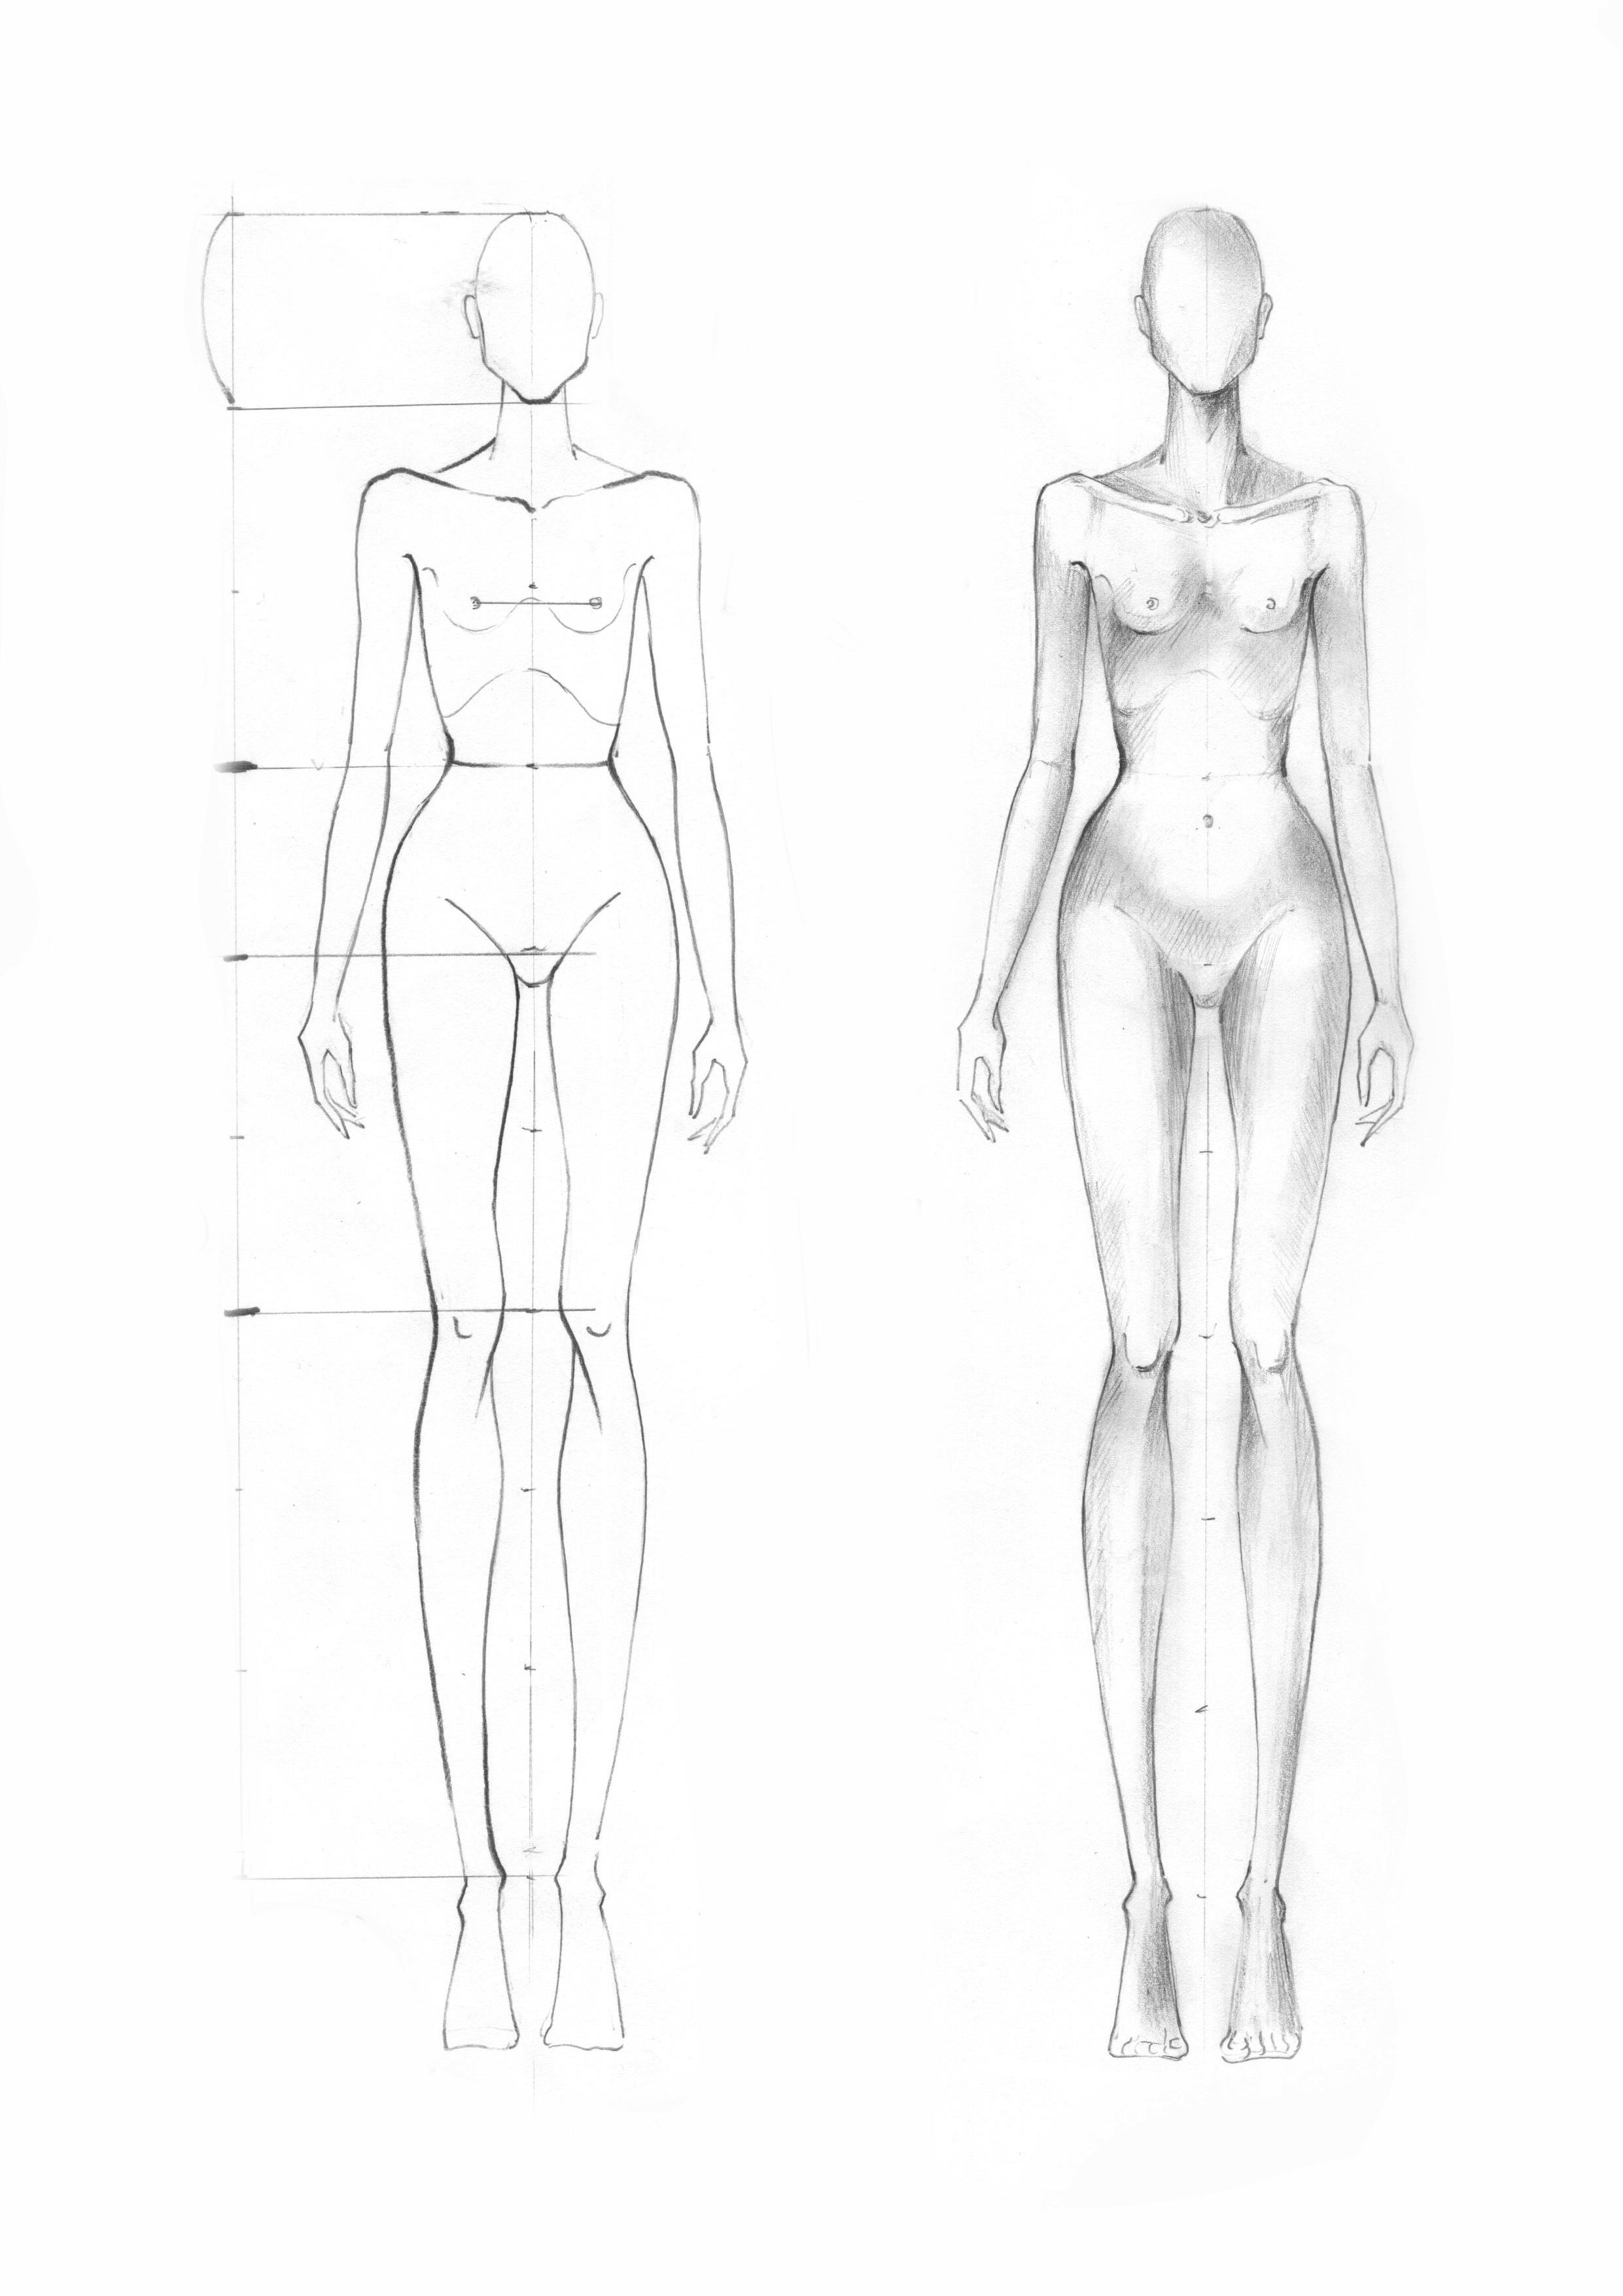 Buổi 1: Dáng thời trang cơ bản (Basic Fashion Figures) - + Cách vẽ dáng đàn ông và phụ nữ theo độ tuổi và kích cỡ khác nhau+ Hoàn thiện kỹ năng thể hiện vị trí và dáng đứng người mẫu trên bản vẽ+ Công thức để vẽ dáng chuyên nghiệp+ Cách kiểm tra lỗi khi vẽ+ Những lỗi vẽ dáng thường gặp+ Khám phá phong cách vẽ dáng riêng của bạn